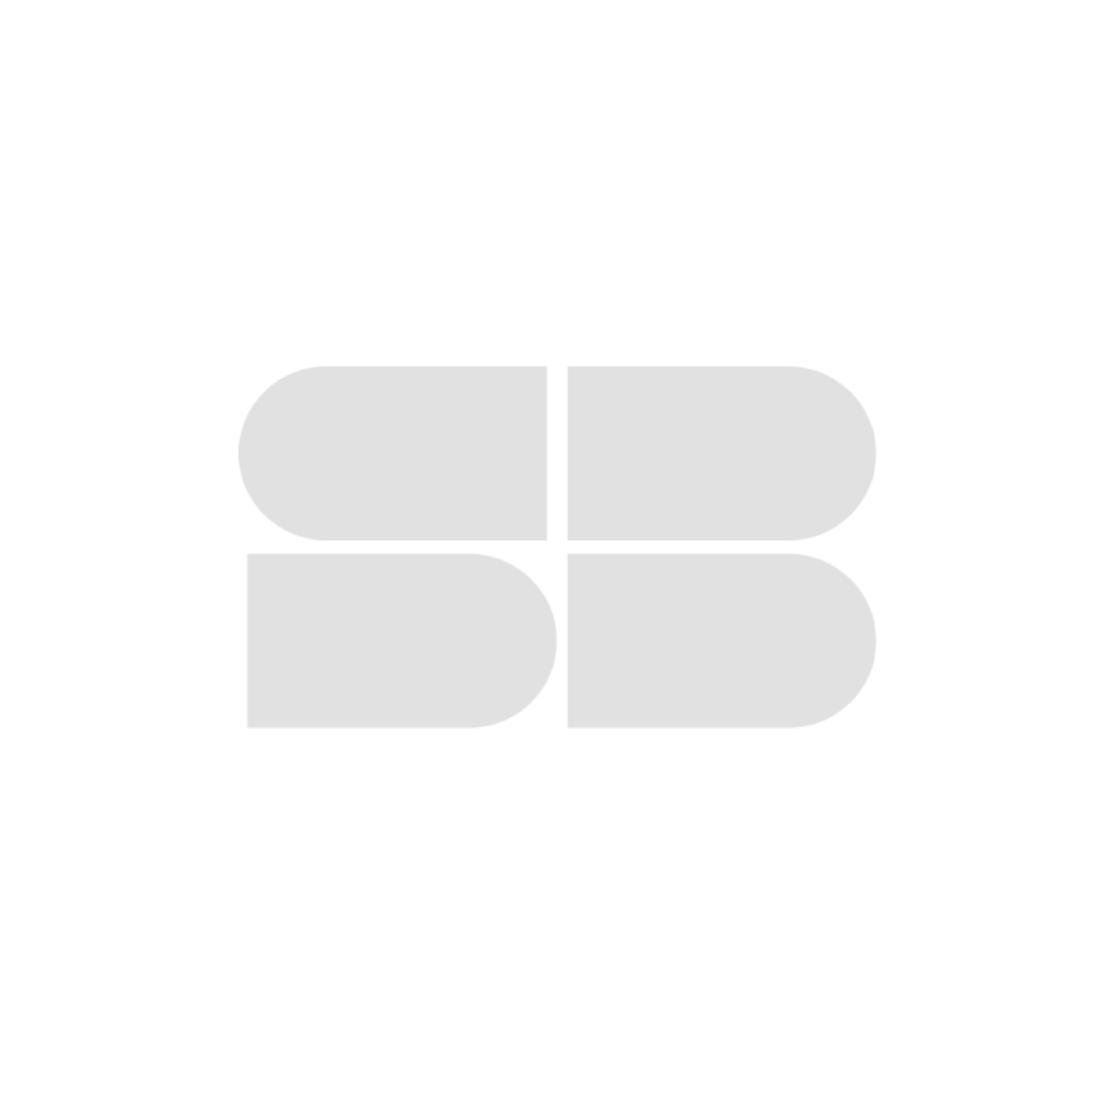 ห้องรับแขก ตู้กั้นห้อง/ชั้นกั้นห้อง รุ่น Bente สีสีโอ๊ค-SB Design Square